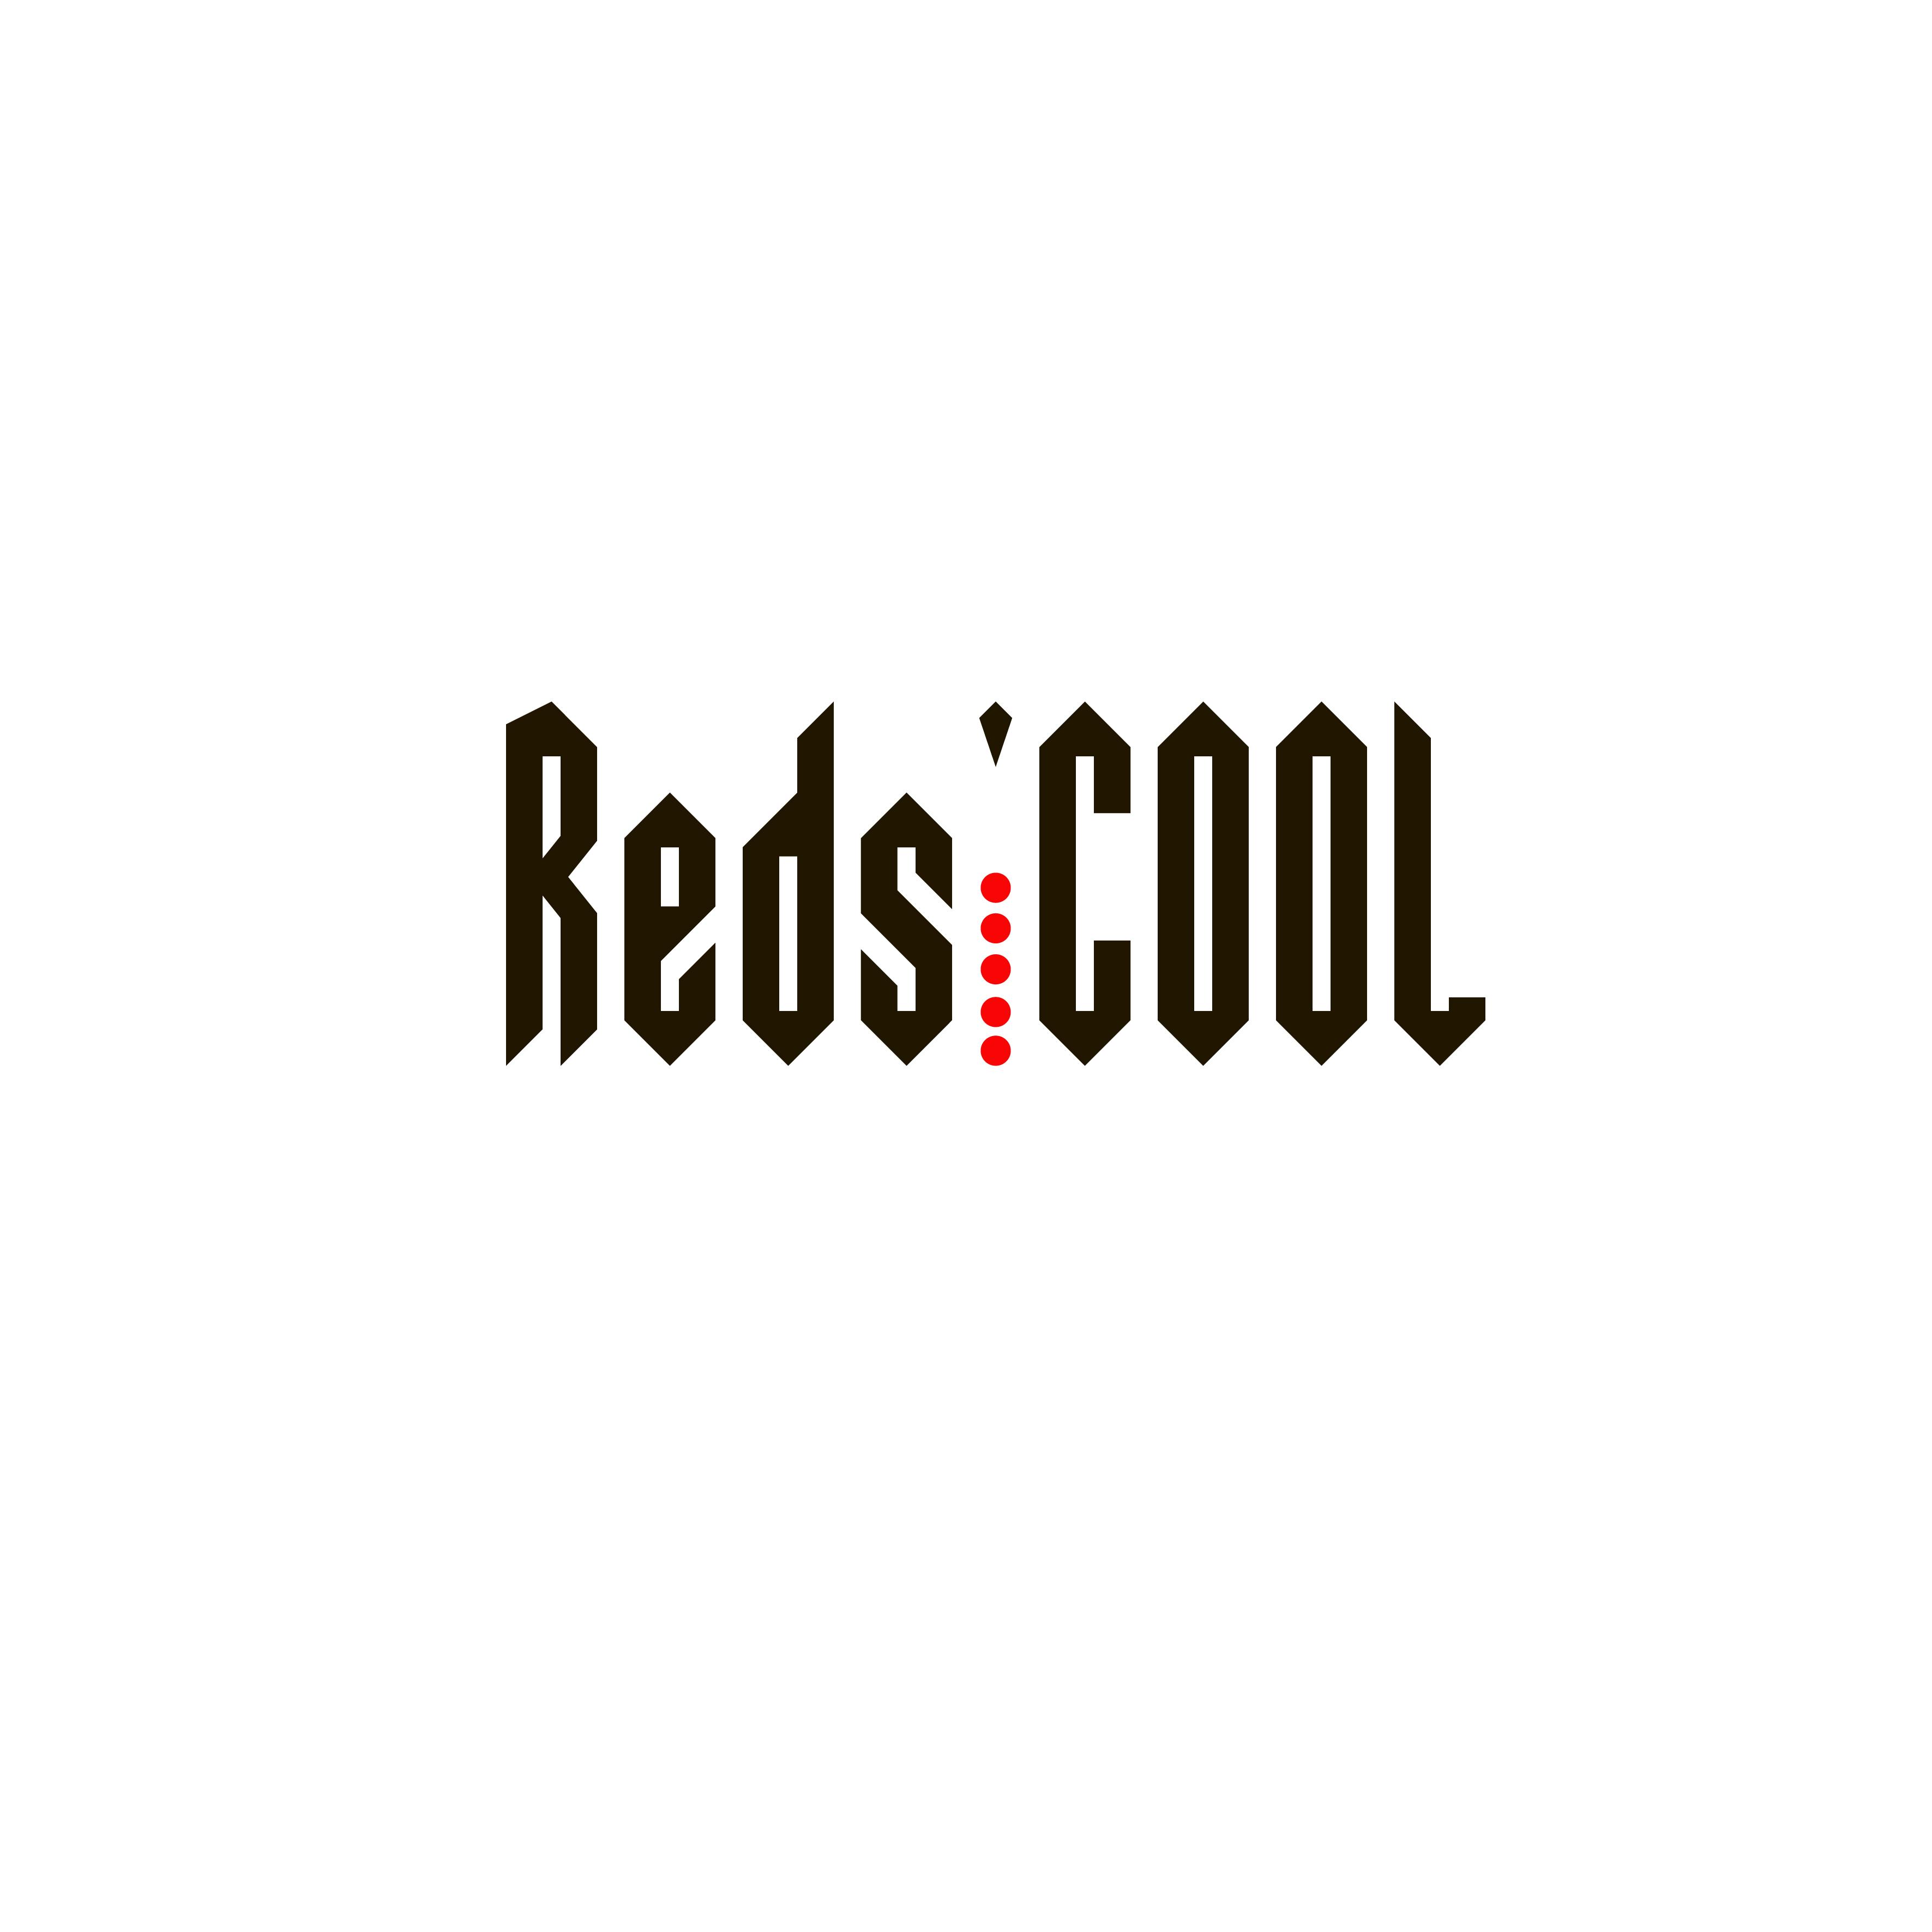 Логотип для музыкальной группы фото f_0095a52984416c62.jpg